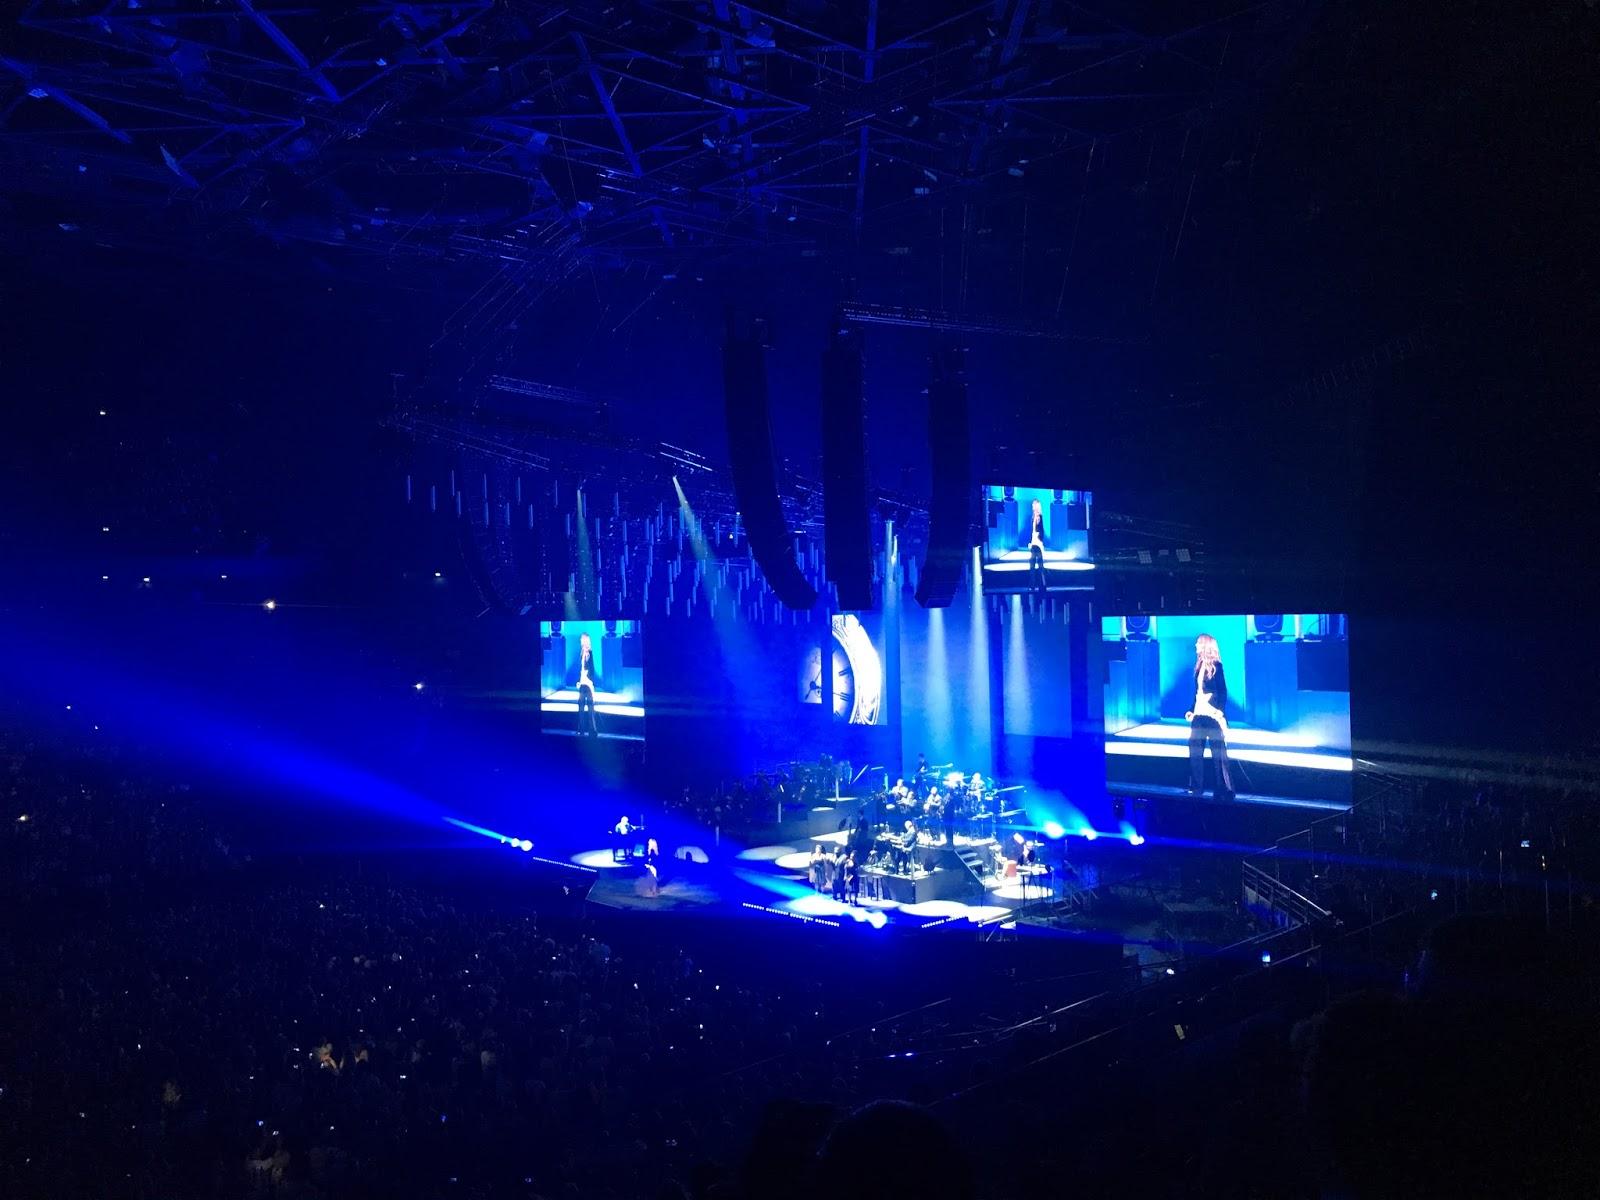 céline dion concert